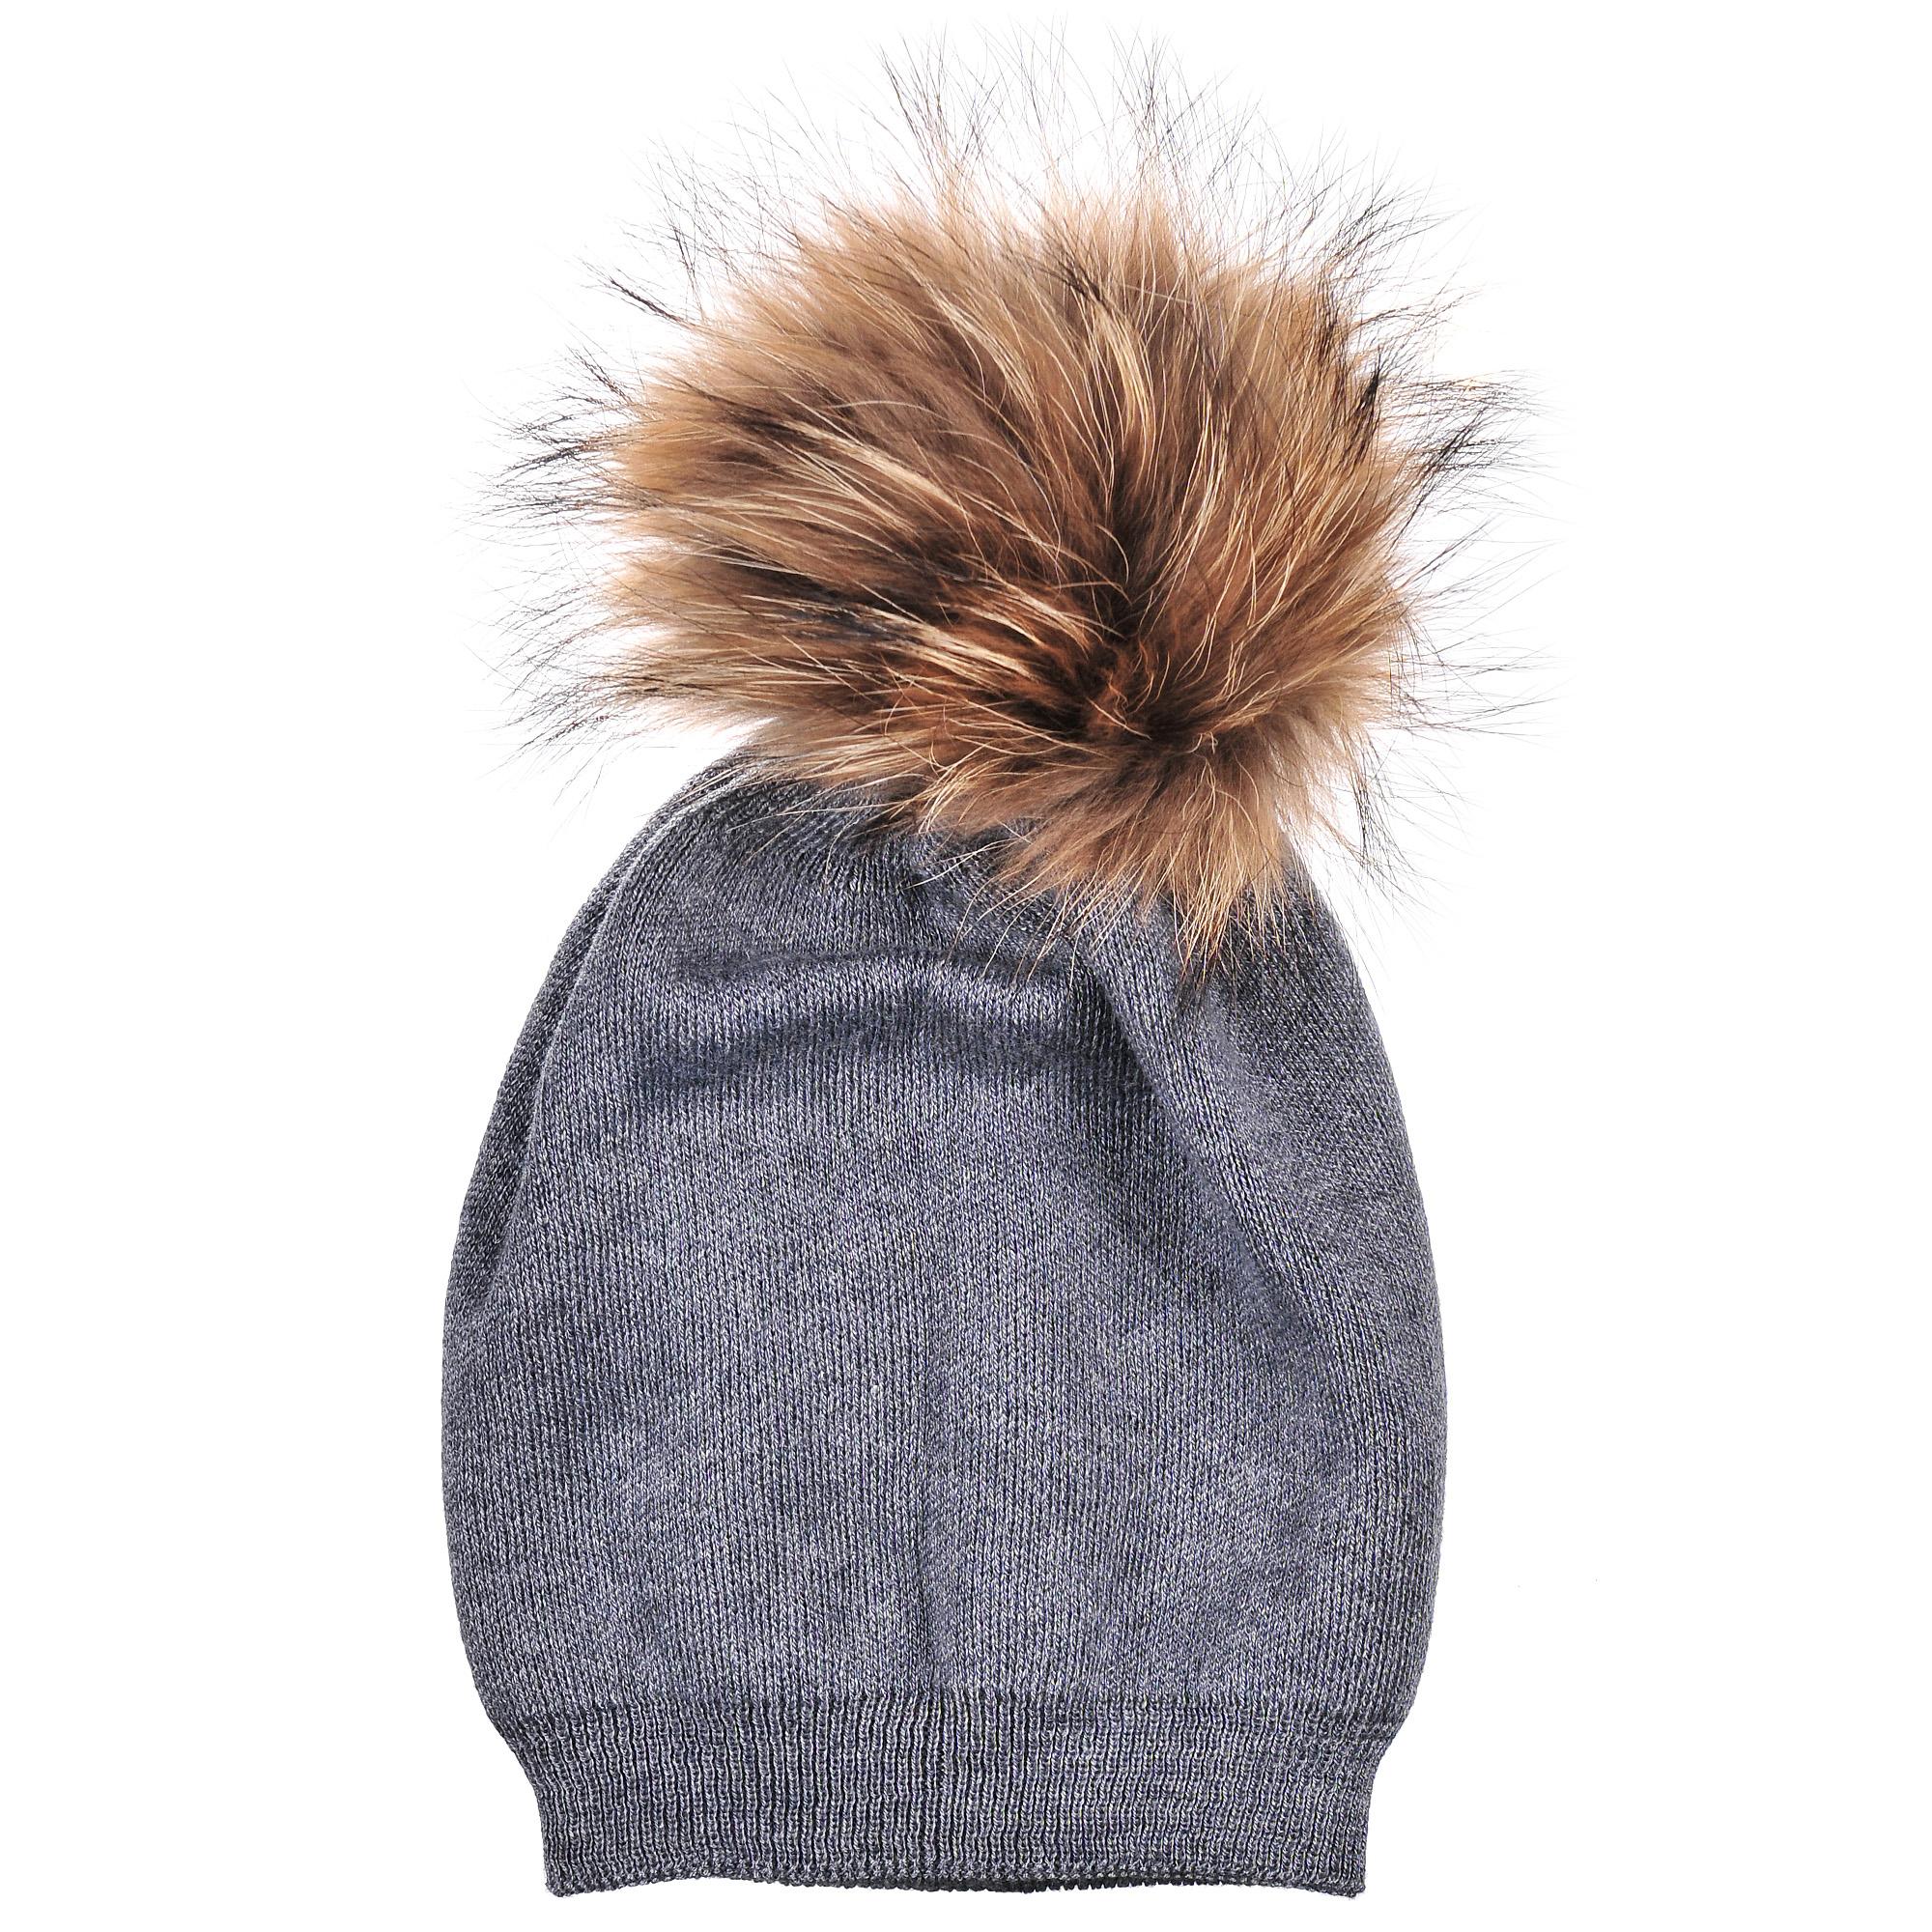 Шапка4-0044-023Стильная двуслойная шапка-чулок с шерстью и помпоном из натурального меха. Отличный аксессуар защитит в непогоду и подарит ощущение теплоты.